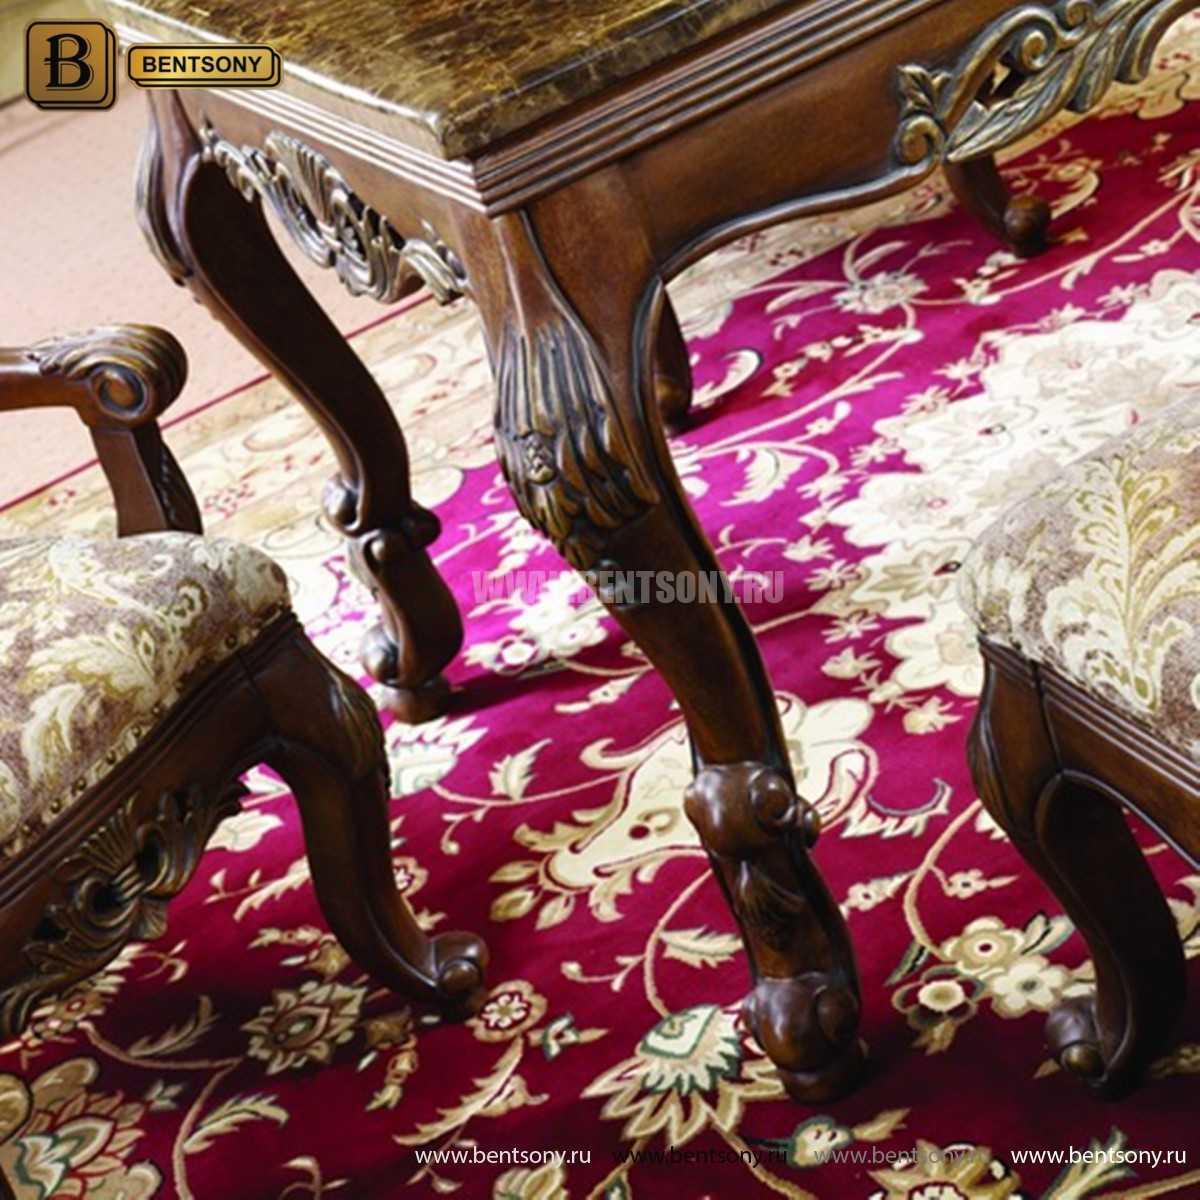 Гостиная Рамирес (Классика, Ткань, Массив дерева) распродажа